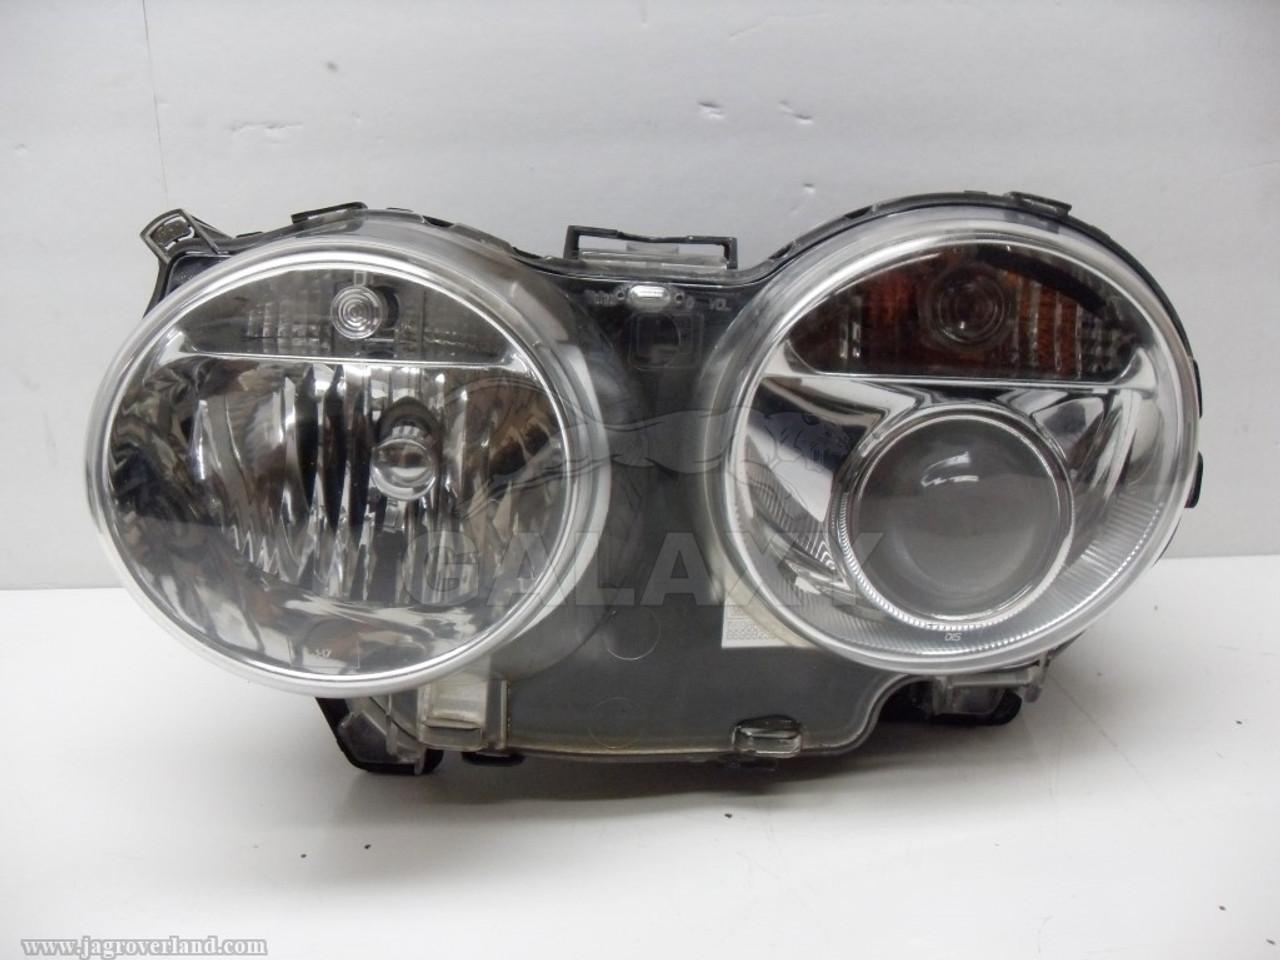 05-09 Xj8 Driver Left Clear Headlight Afs Hid Adaptive 9-Pin 2W93-13W030